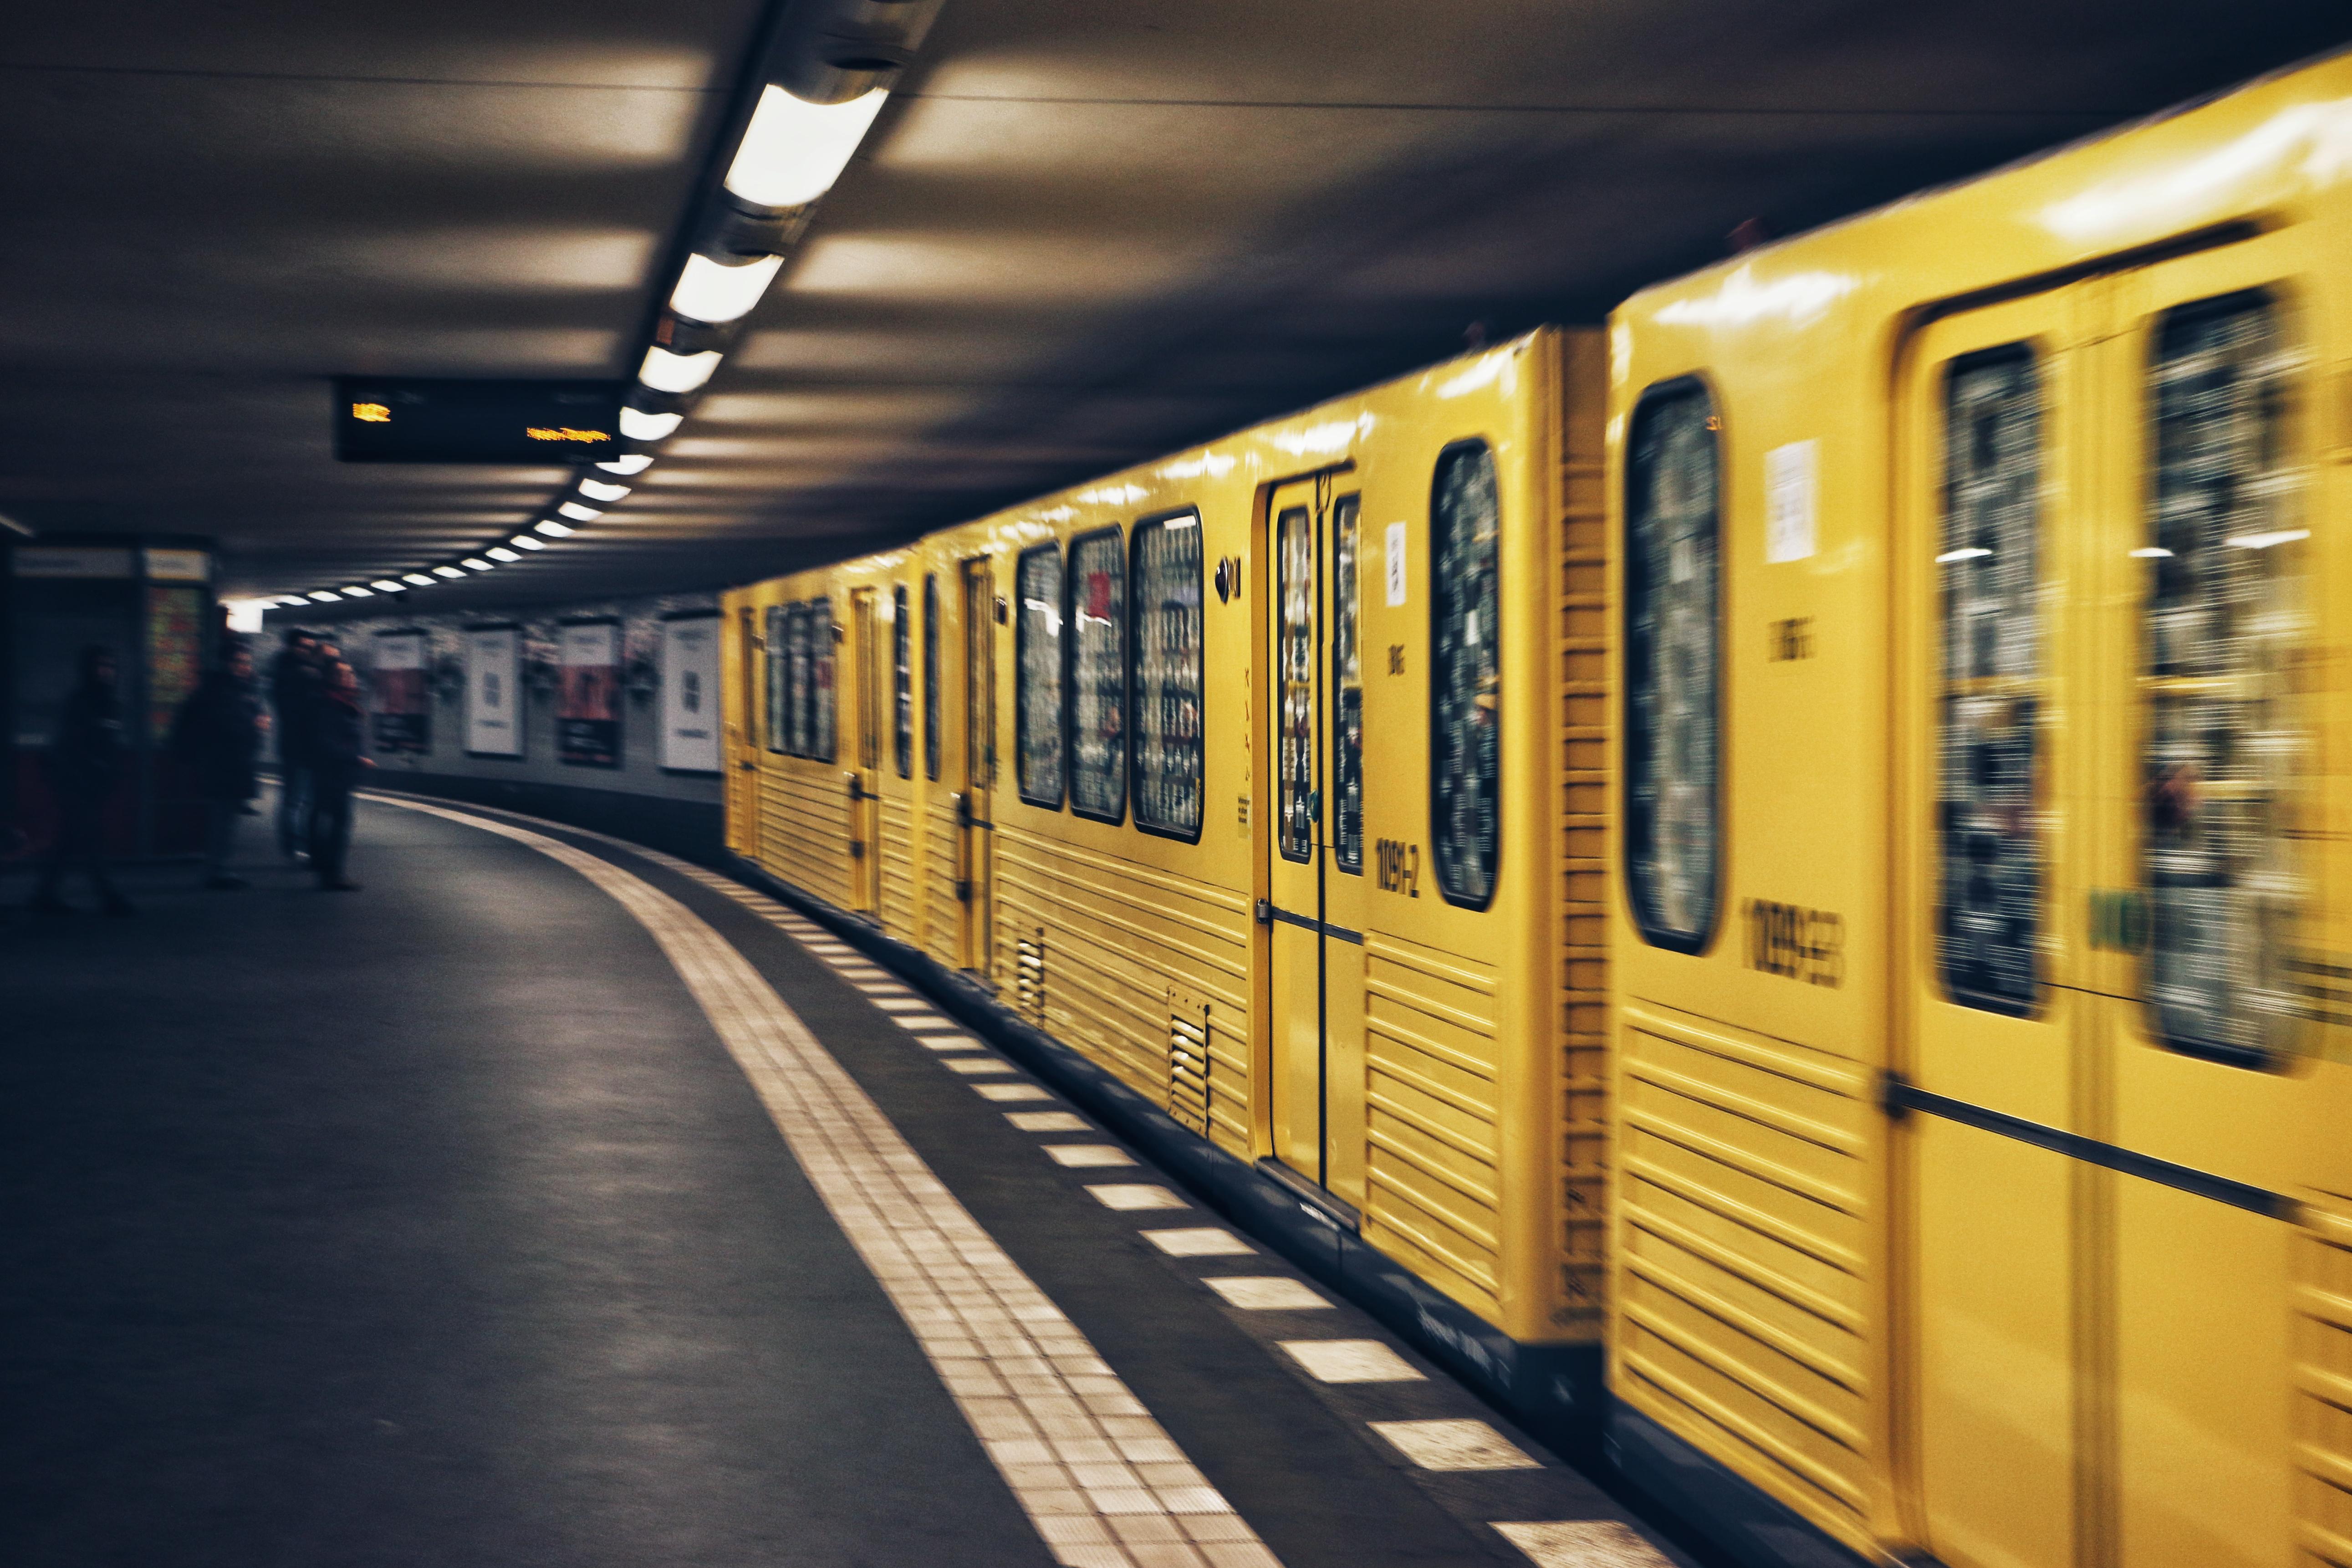 сказочная птица желтое метро картинка было сказано выше